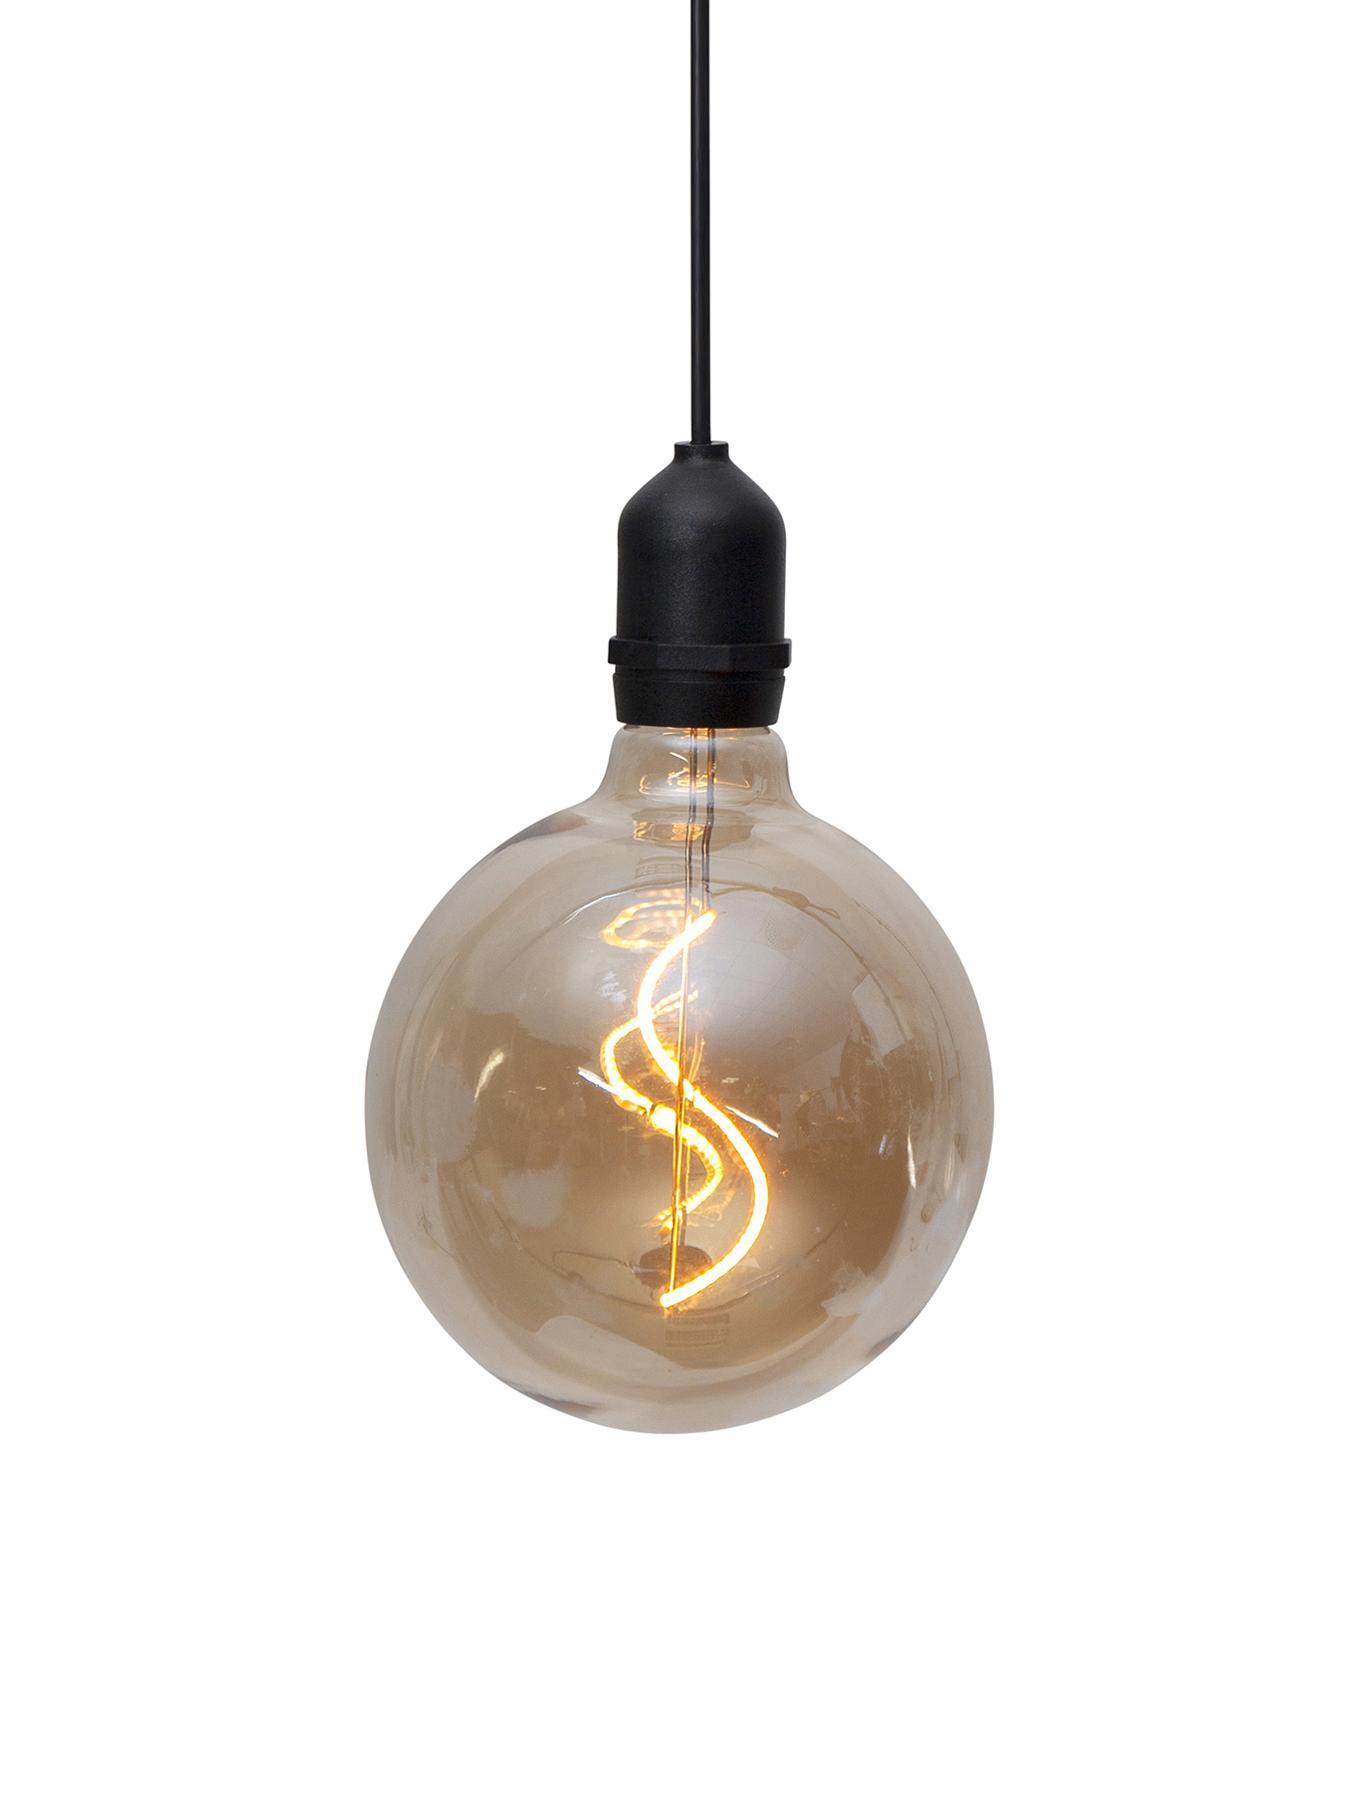 Lampa zewnętrzna LED Bowl, Odcienie bursztynowego, transparentny, czarny, Ø 13 x W 18 cm